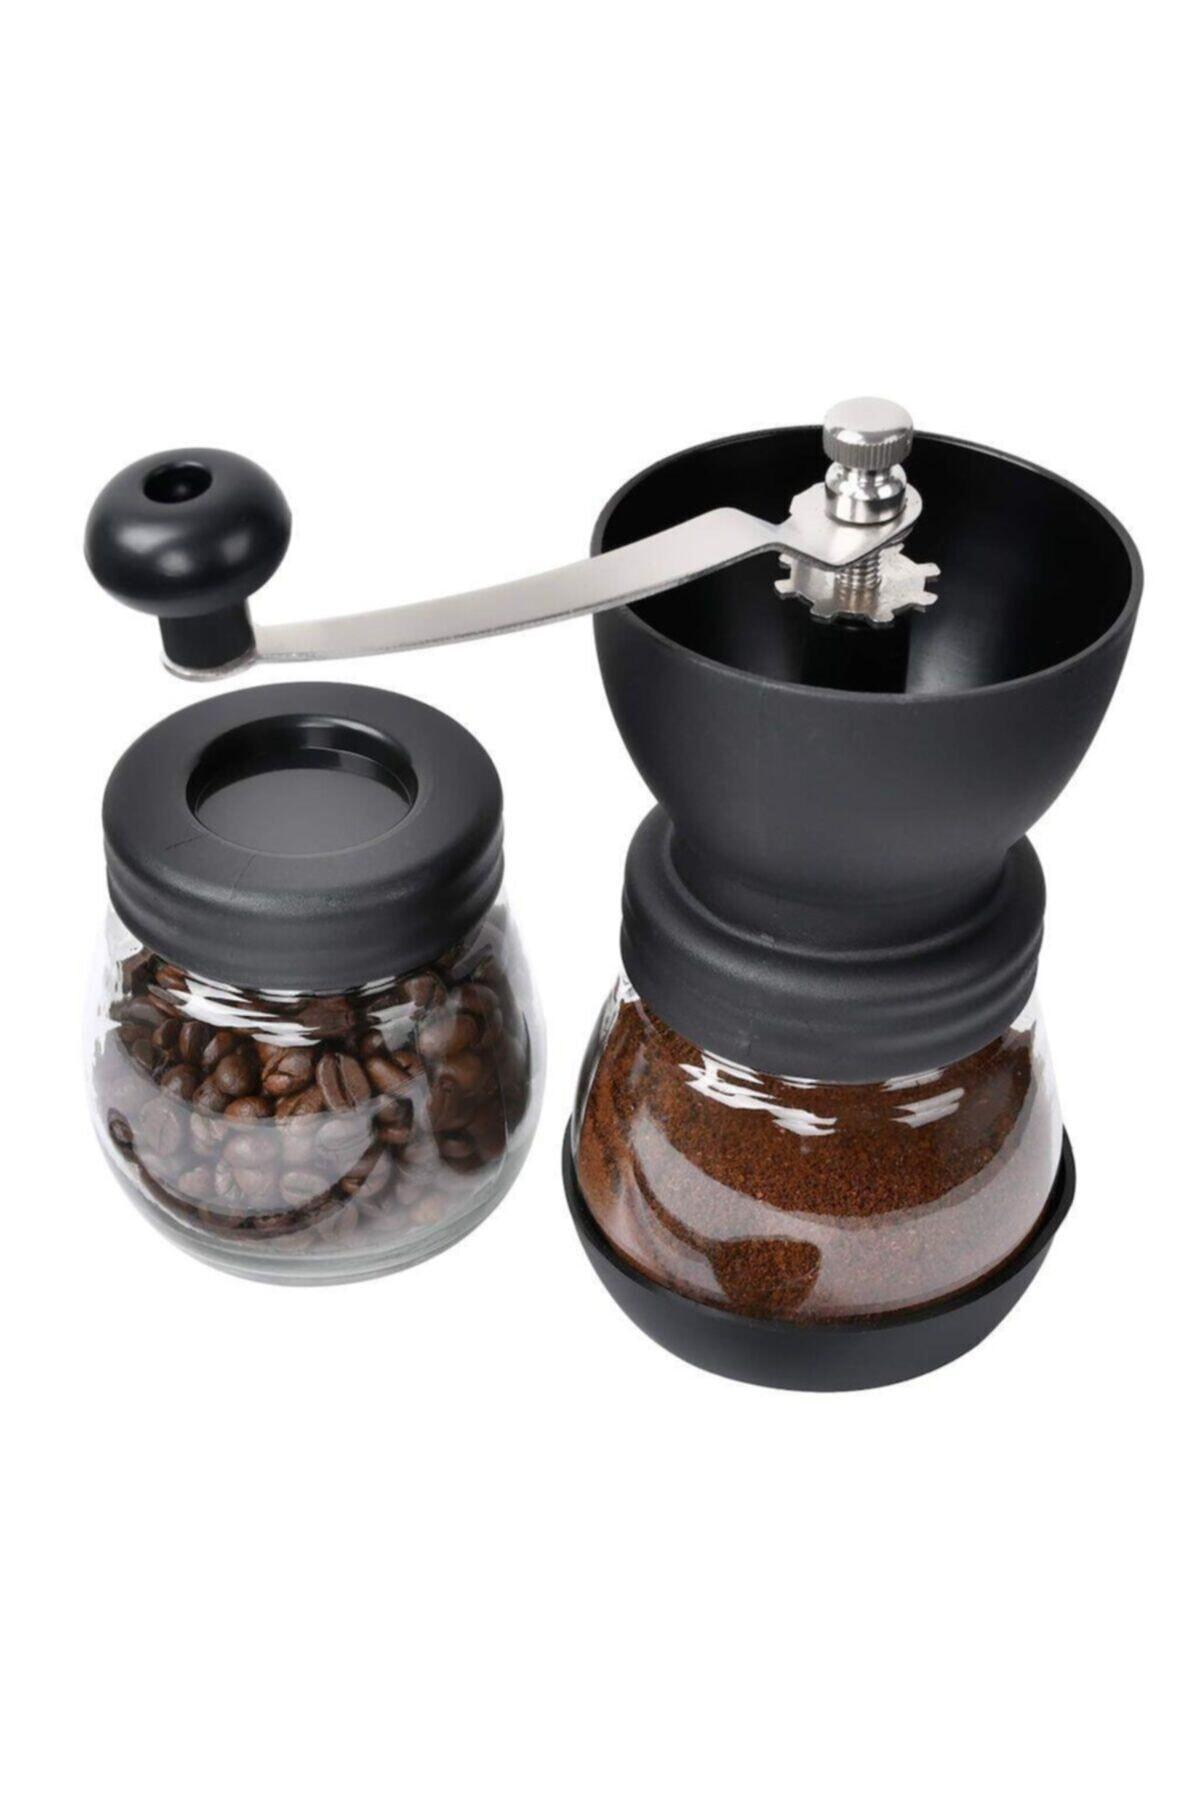 Kahvehanem Black Goat Seramik Kahve Değirmeni - Manual Ceramic Grinder (for Chemex, V60, French Press) 2